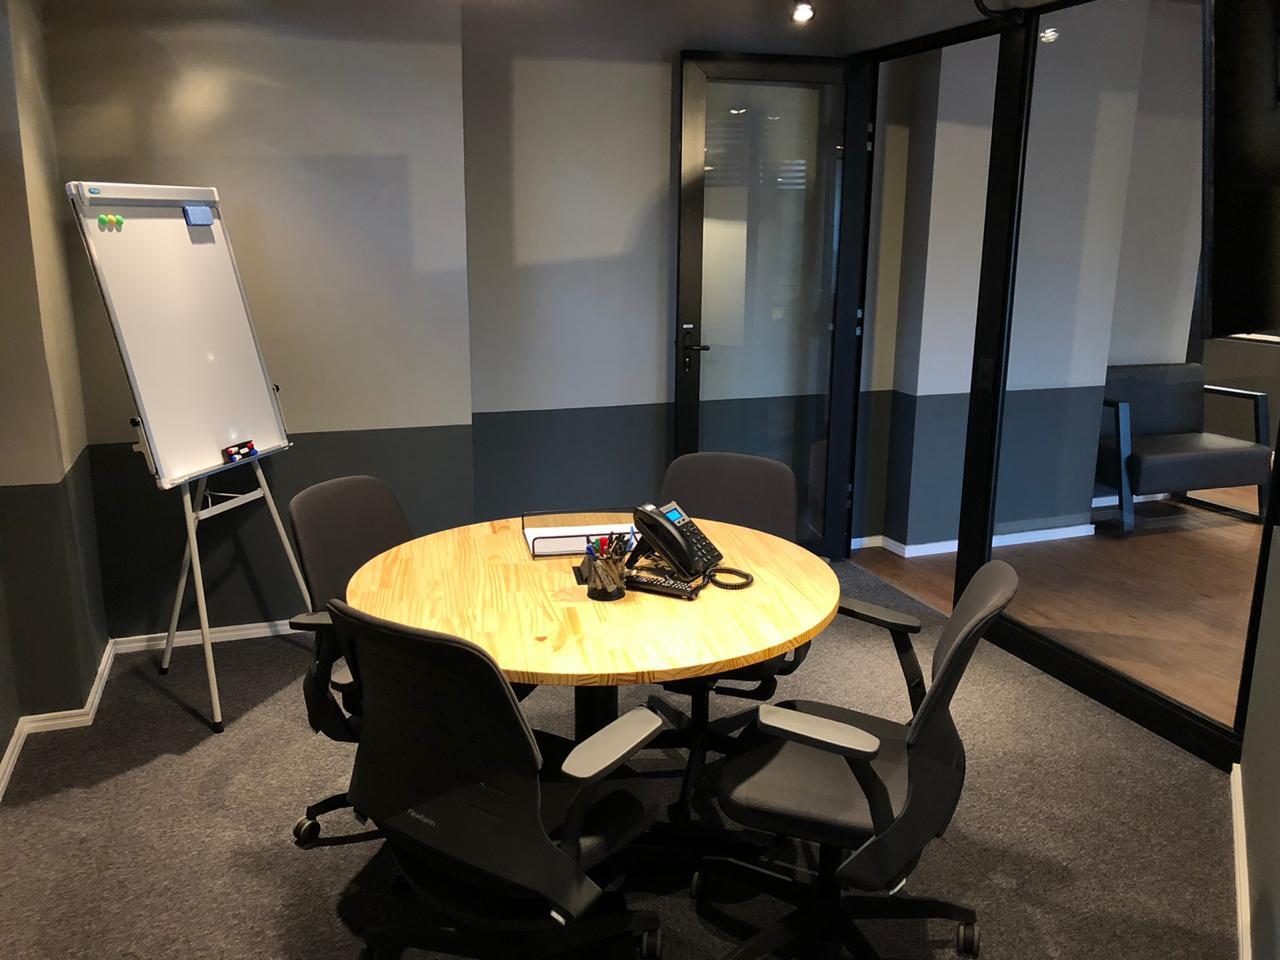 Sala de reunião em Campinas 4 pessoas